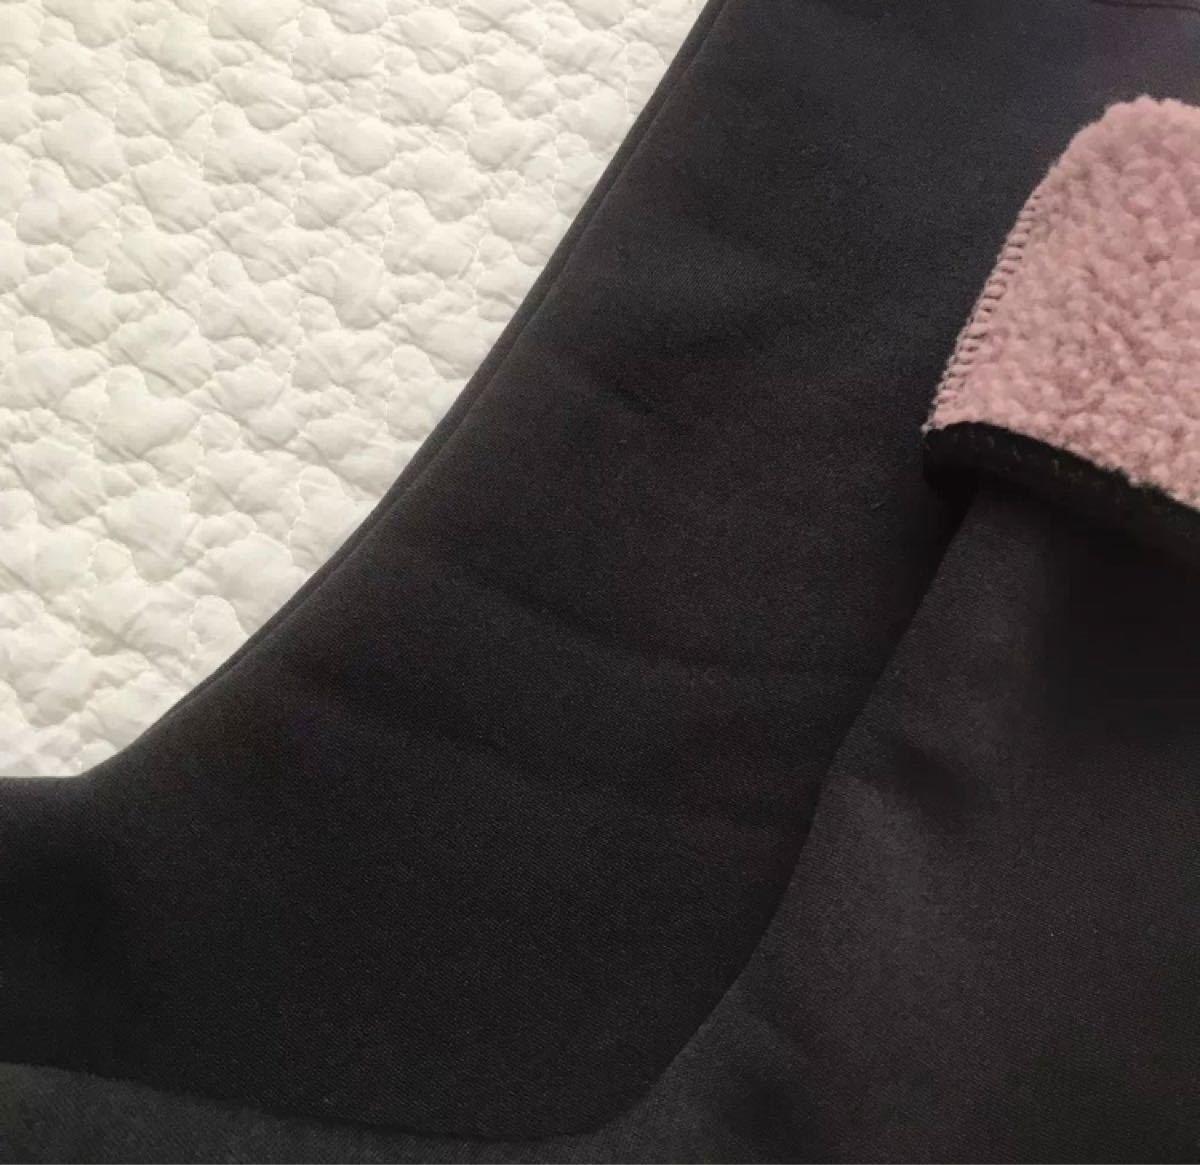 韓国冷えとり靴下ロングポソンルームシューズルームウェアスリッパ室内履き冷え性対策